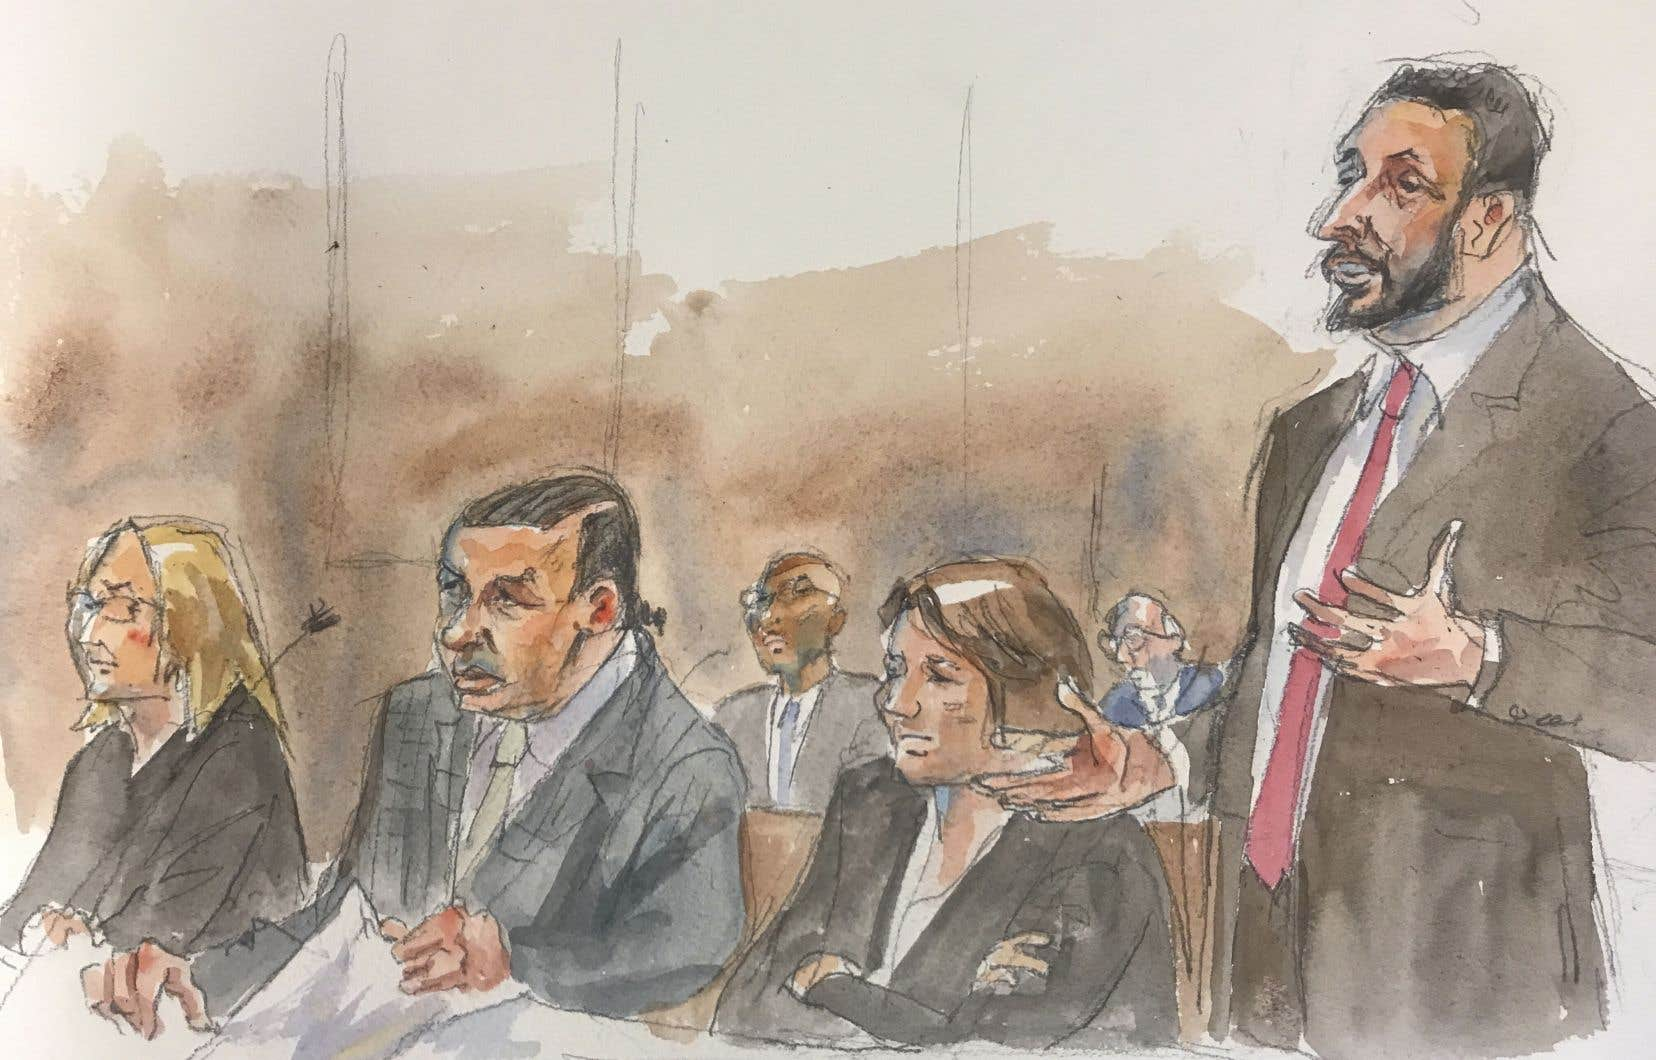 Cesar Sayoc avait plaidé coupable en mars à 65 chefs d'inculpation, reconnaissant avoir envoyé 16 colis piégés à des personnalités démocrates. Aujourd'hui, il a été condamné à 20 ans de prison.